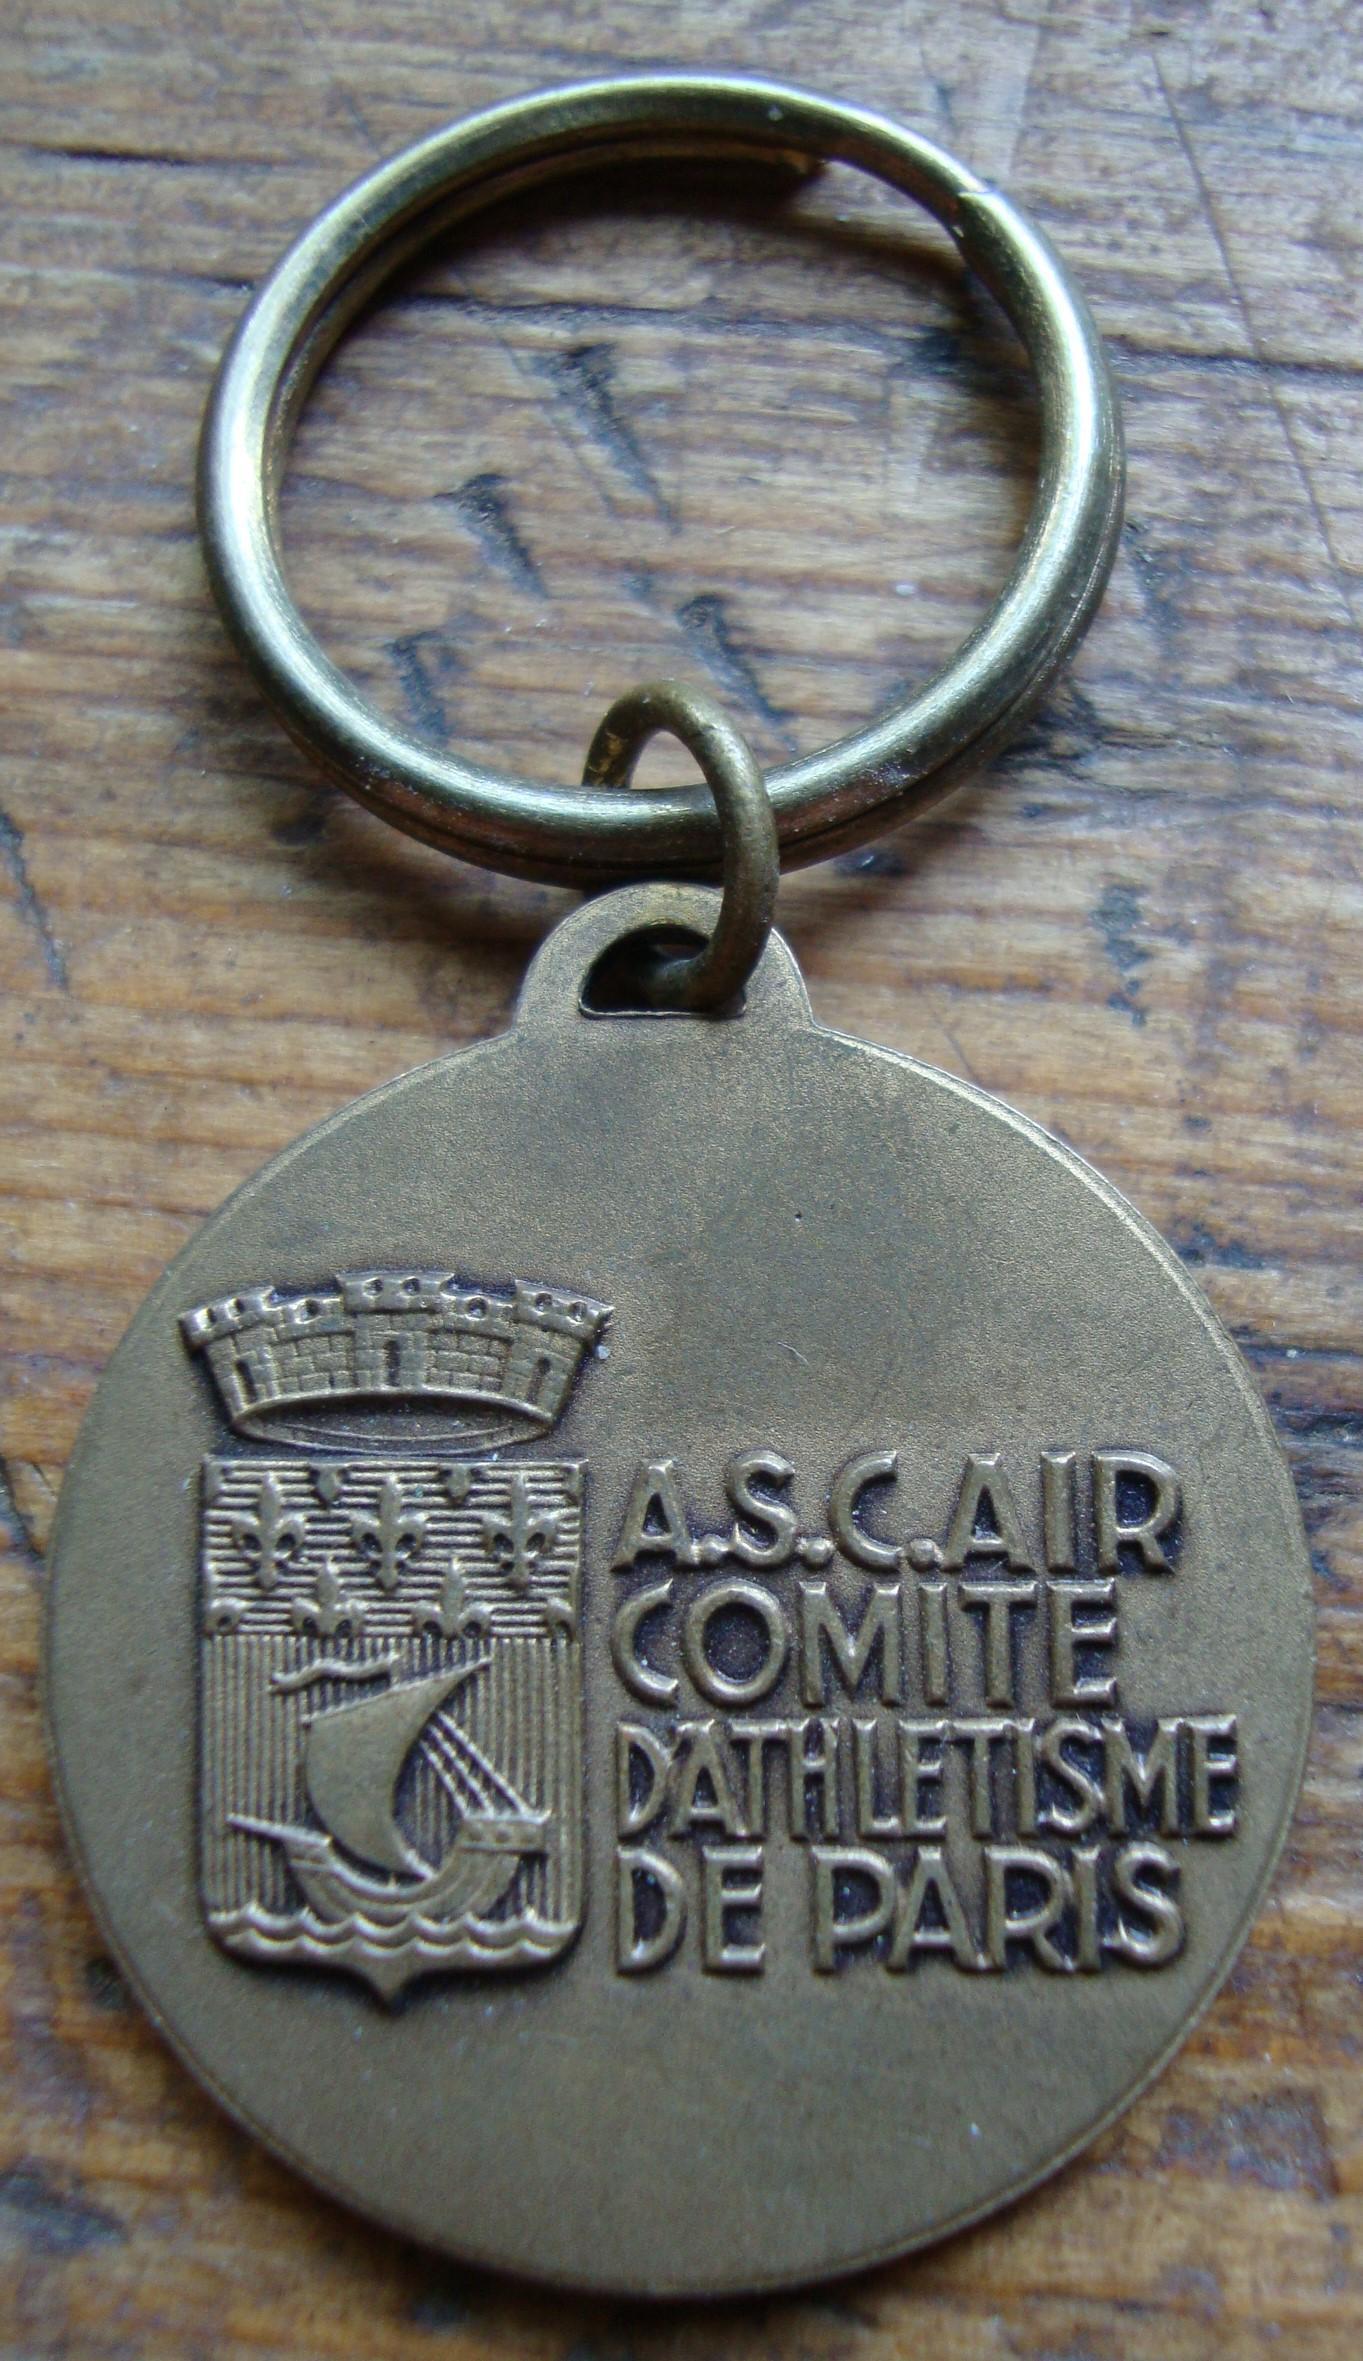 """troc de troc porte clés """"les 20kilométres de paris """" 1979 image 1"""